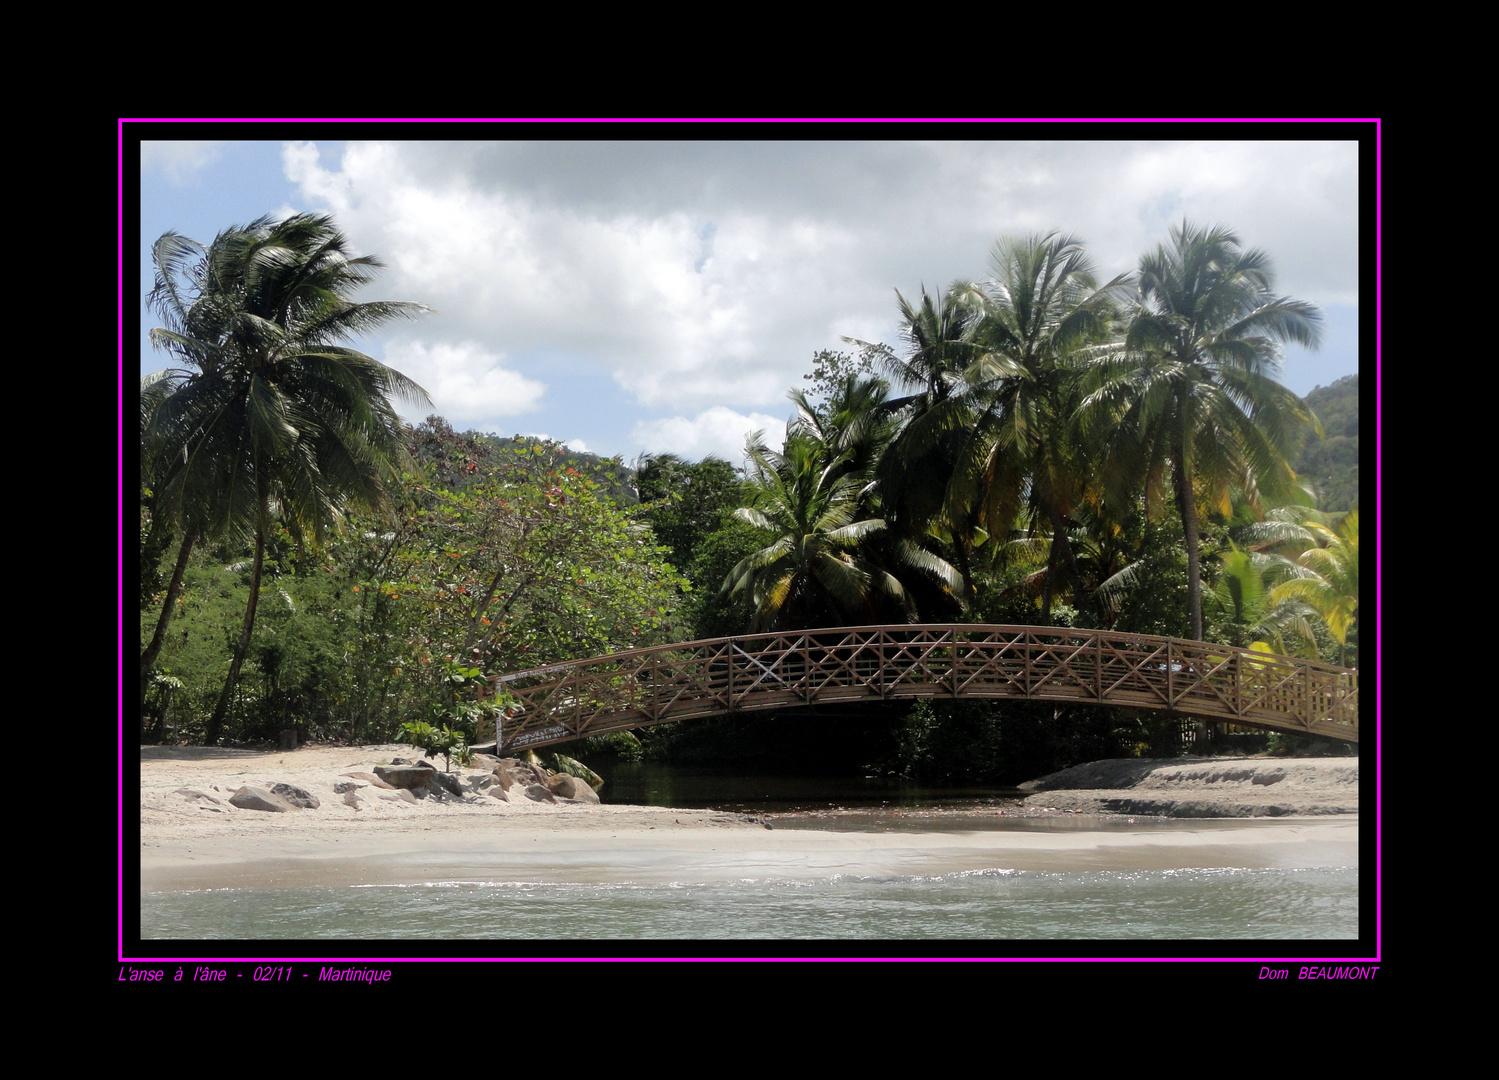 L'Anse à l'âne, février 2011 Martinique